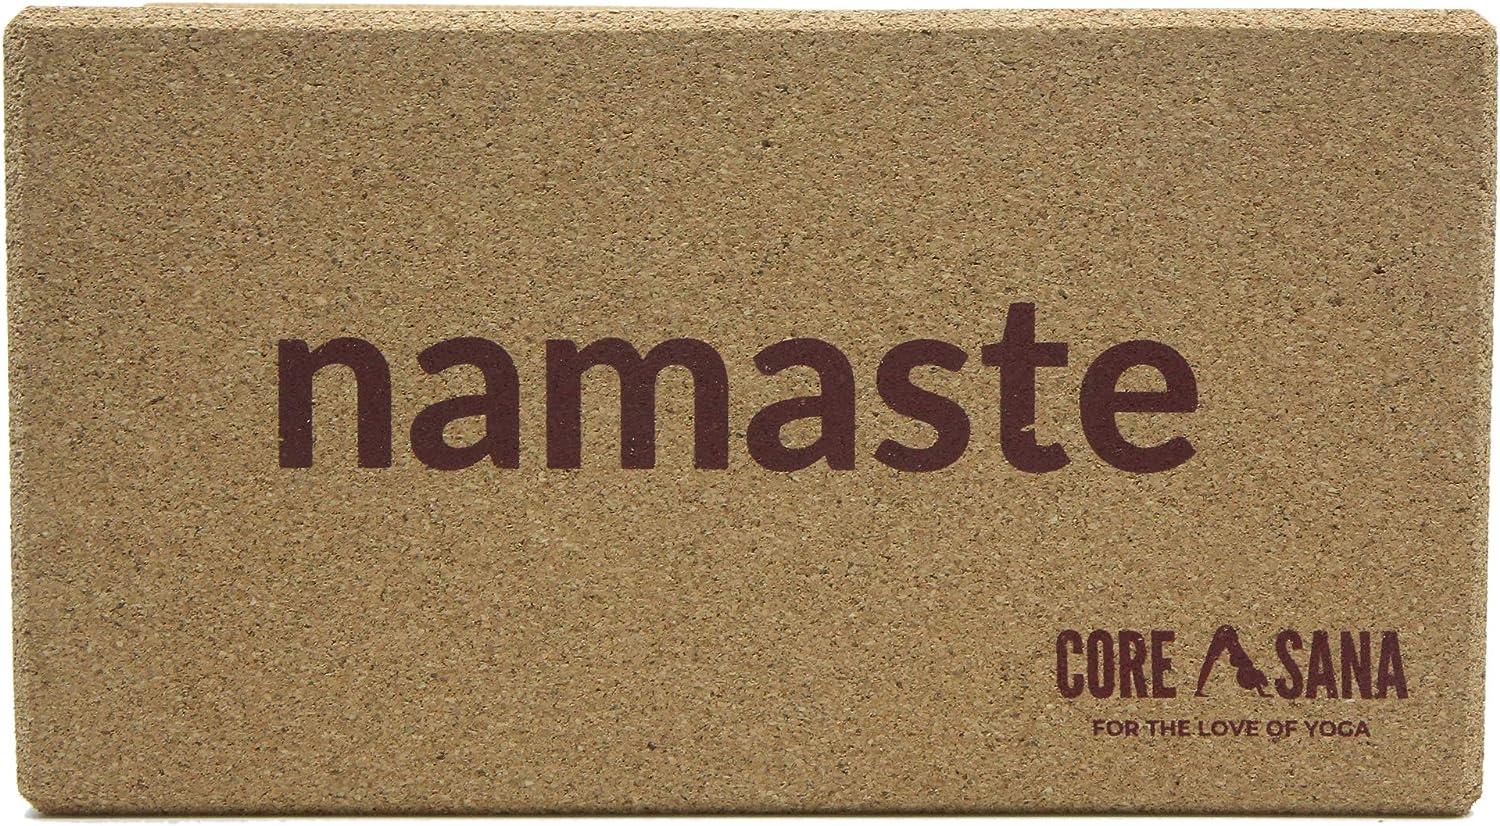 COREASANA Yoga-Block aus Kork leichter Yoga-Block Fitness-Premium-Yoga-Block /Öko-Yoga-Block